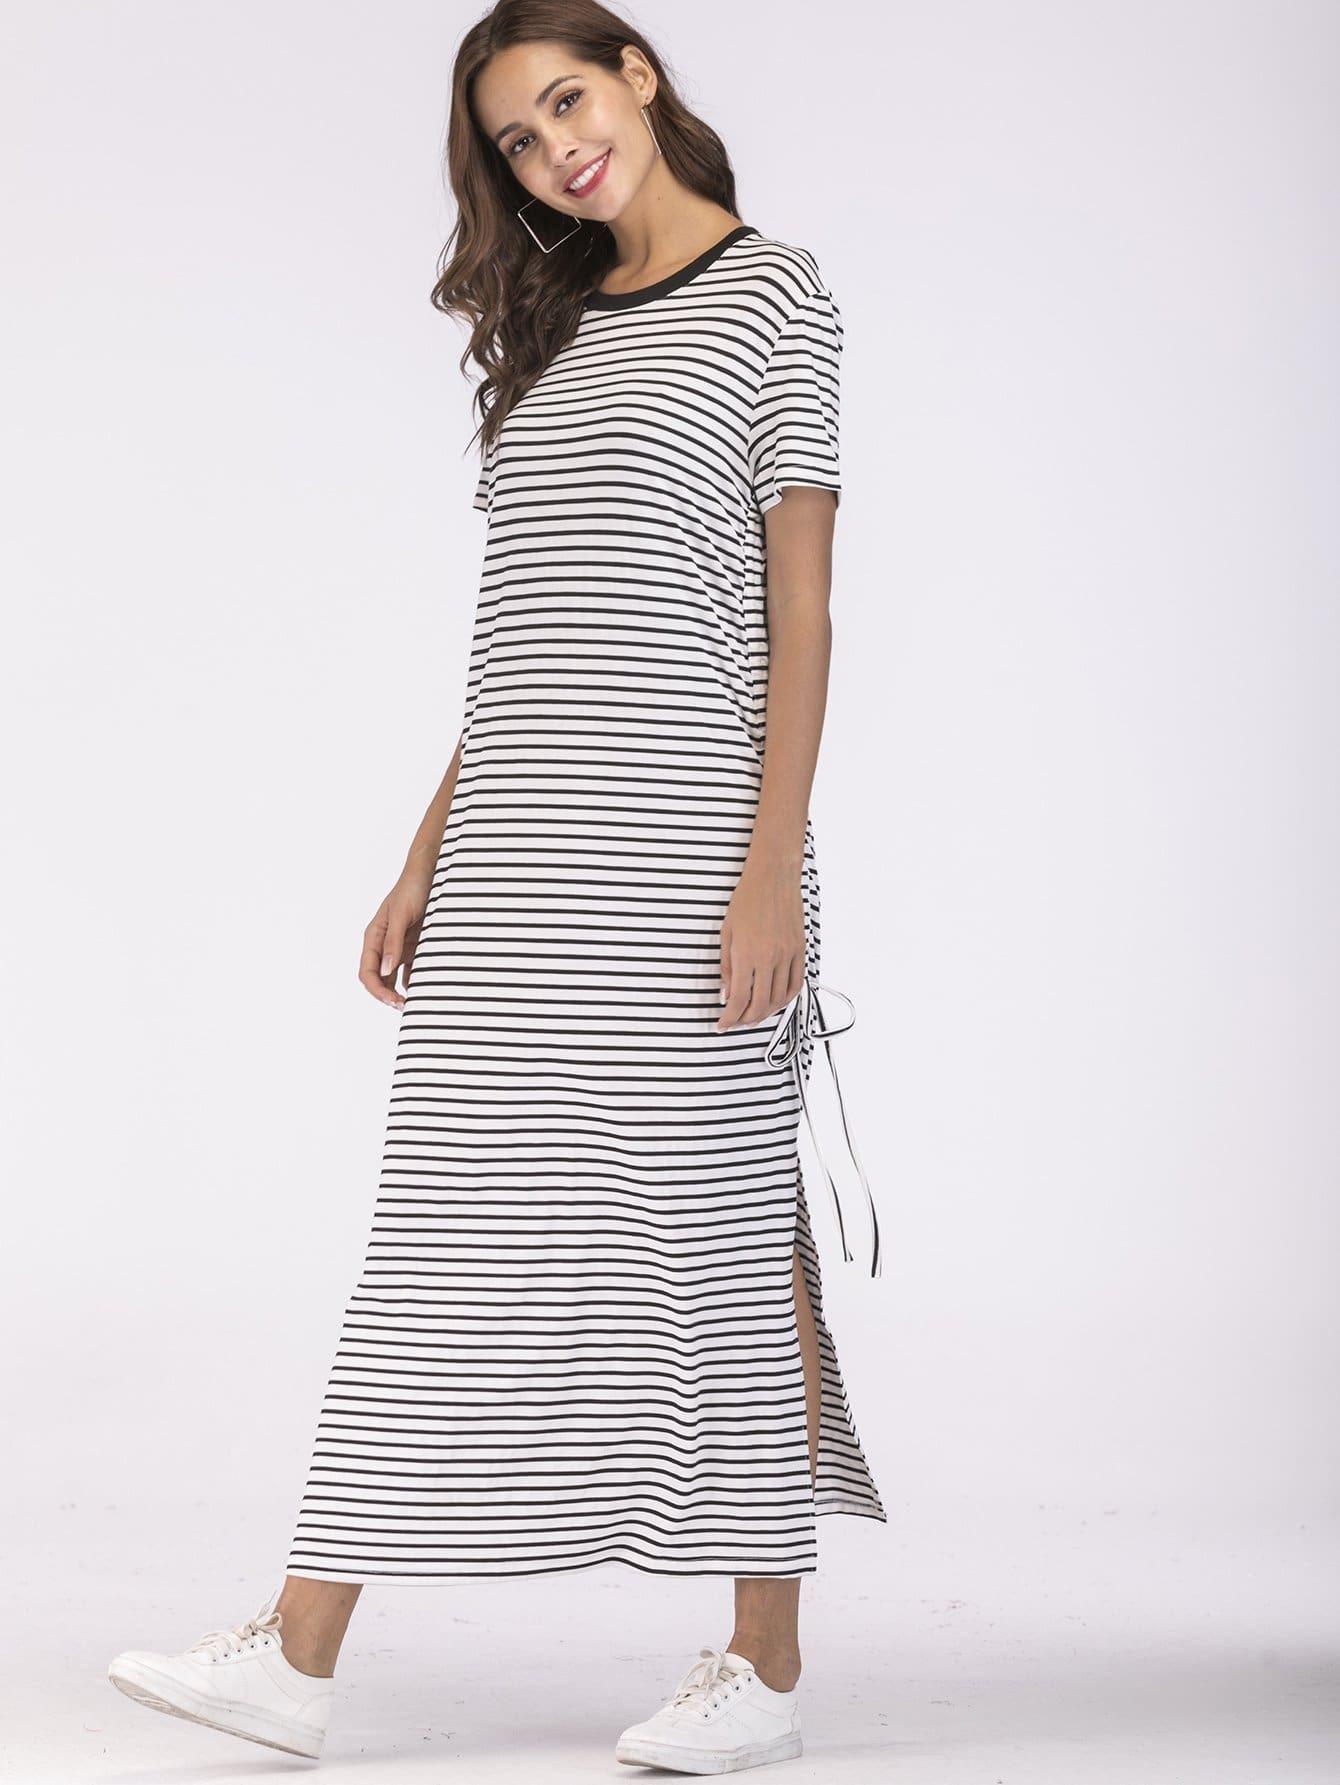 Купить Платье с луком, боковой щелью и полосками, null, SheIn